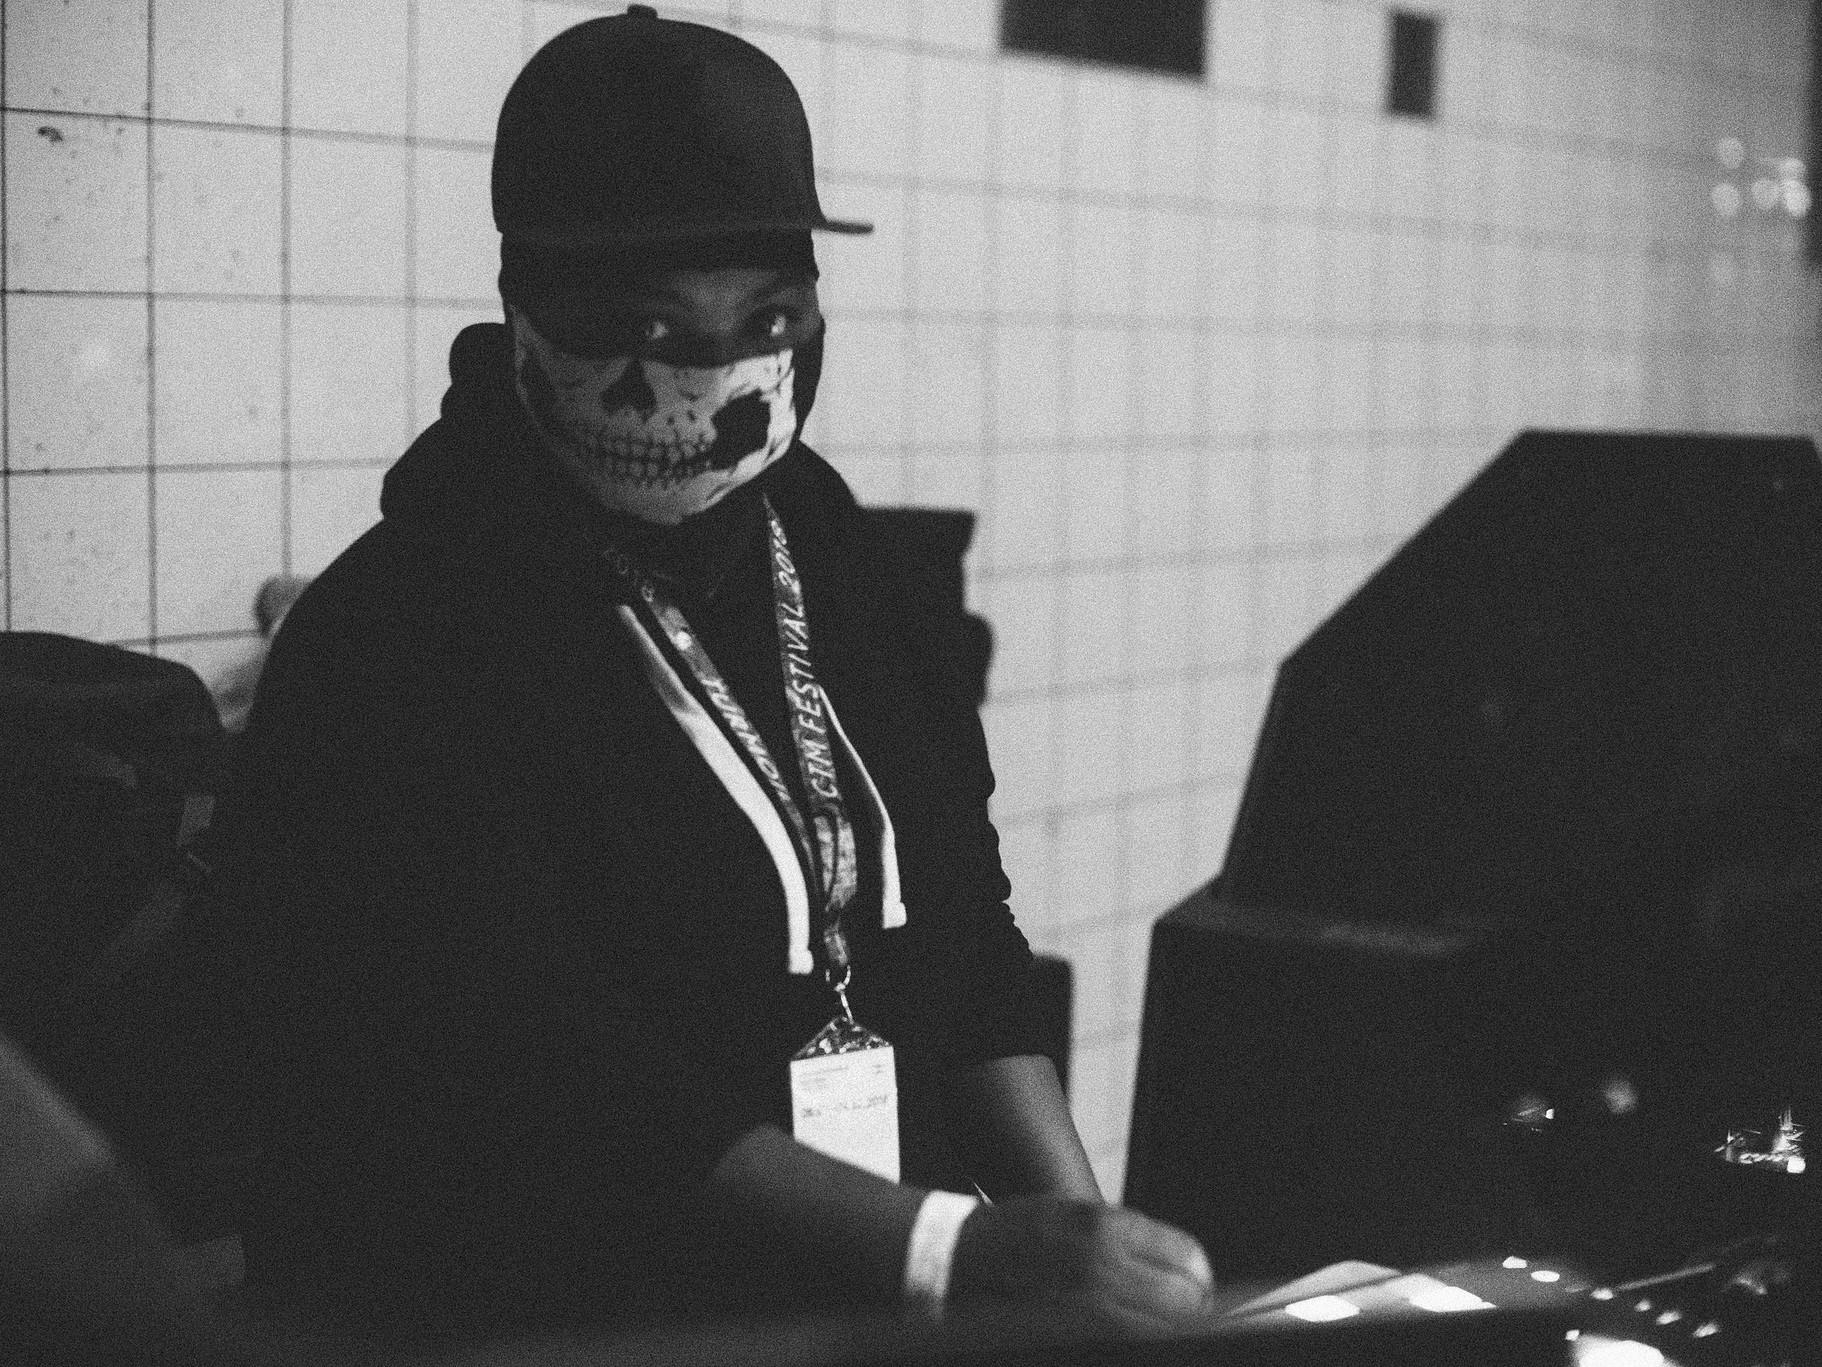 CTMil esinenud eksperimentaalse footworki boss Jana Rush, kes andis edasi ühe kõige täpsema väljenduse rahutuse võimendavast efektist muusikas. Foto: CTM / Camille Blake